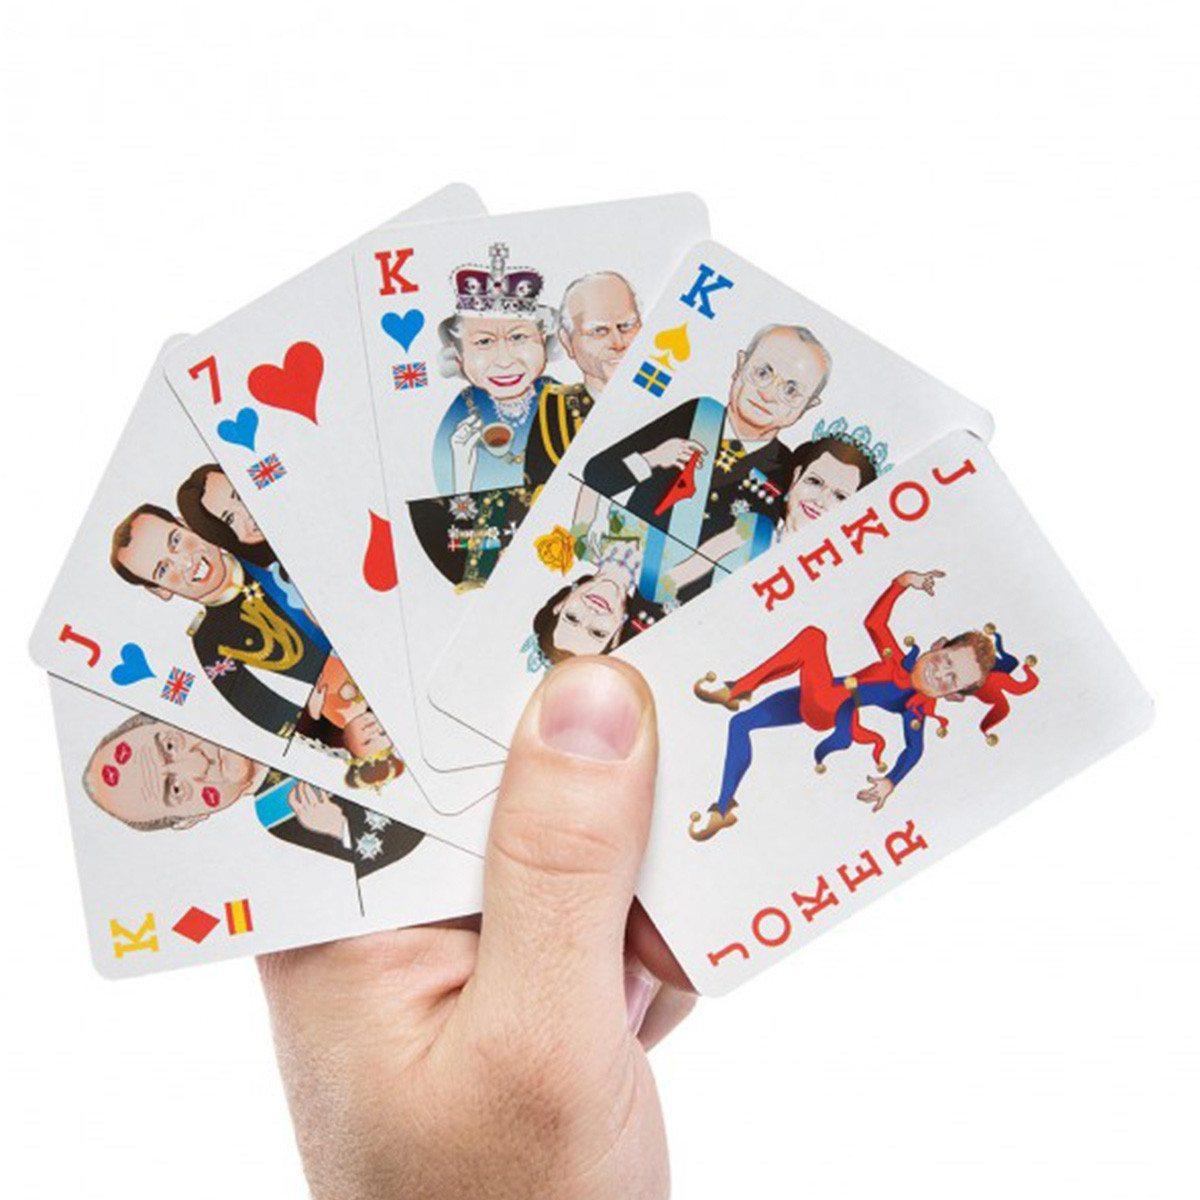 Juego de cartas - Escalera real